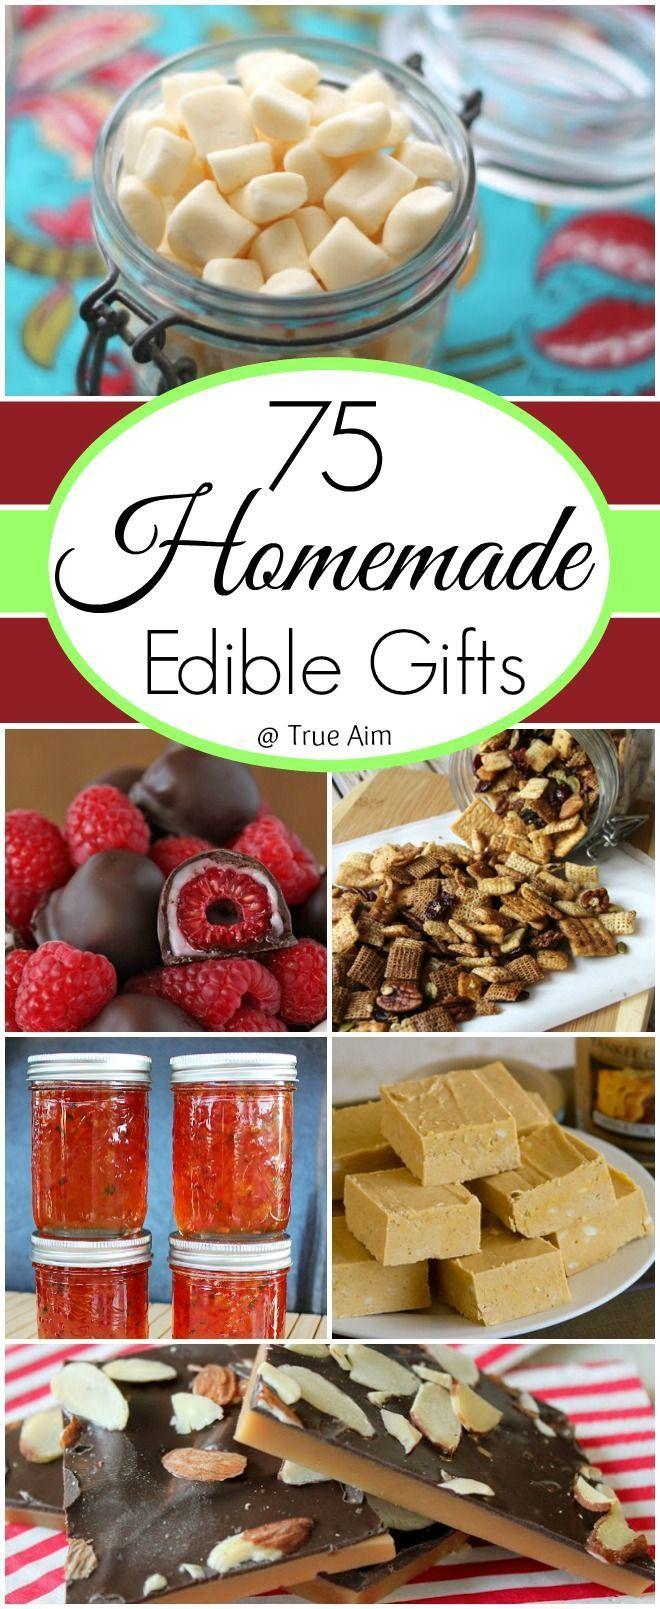 75 Homemade Edible Gift Ideas | Pinterest | Homemade truffles, Bark ...